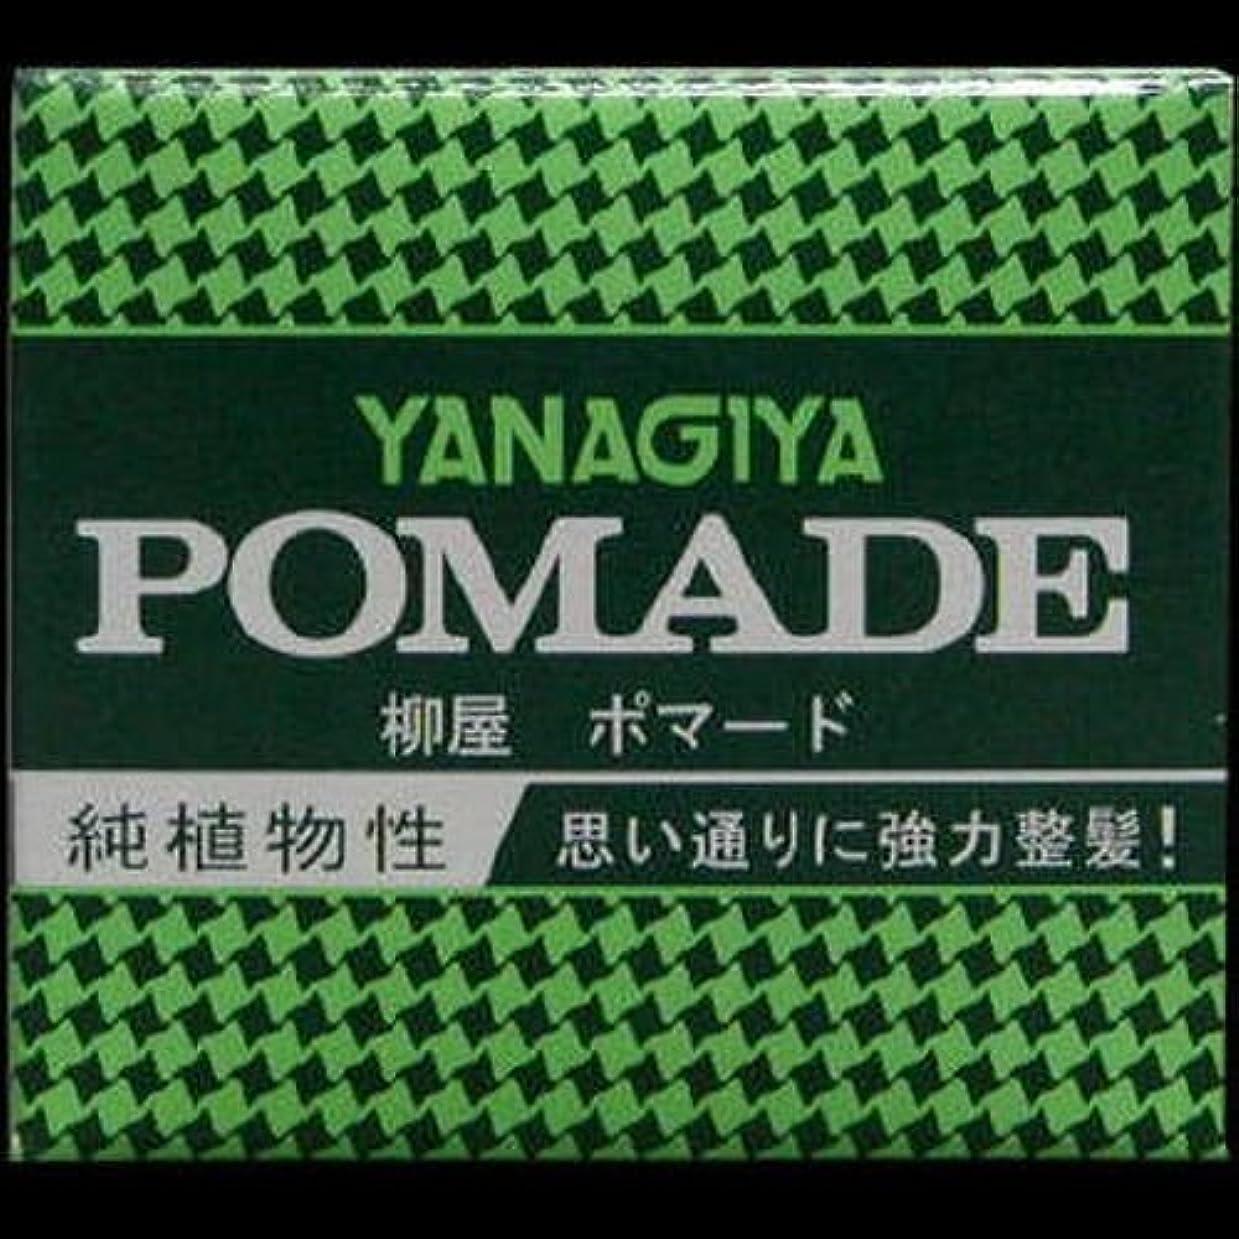 ぬるい賠償むしろ【まとめ買い】柳屋 ポマード小 63g ×2セット